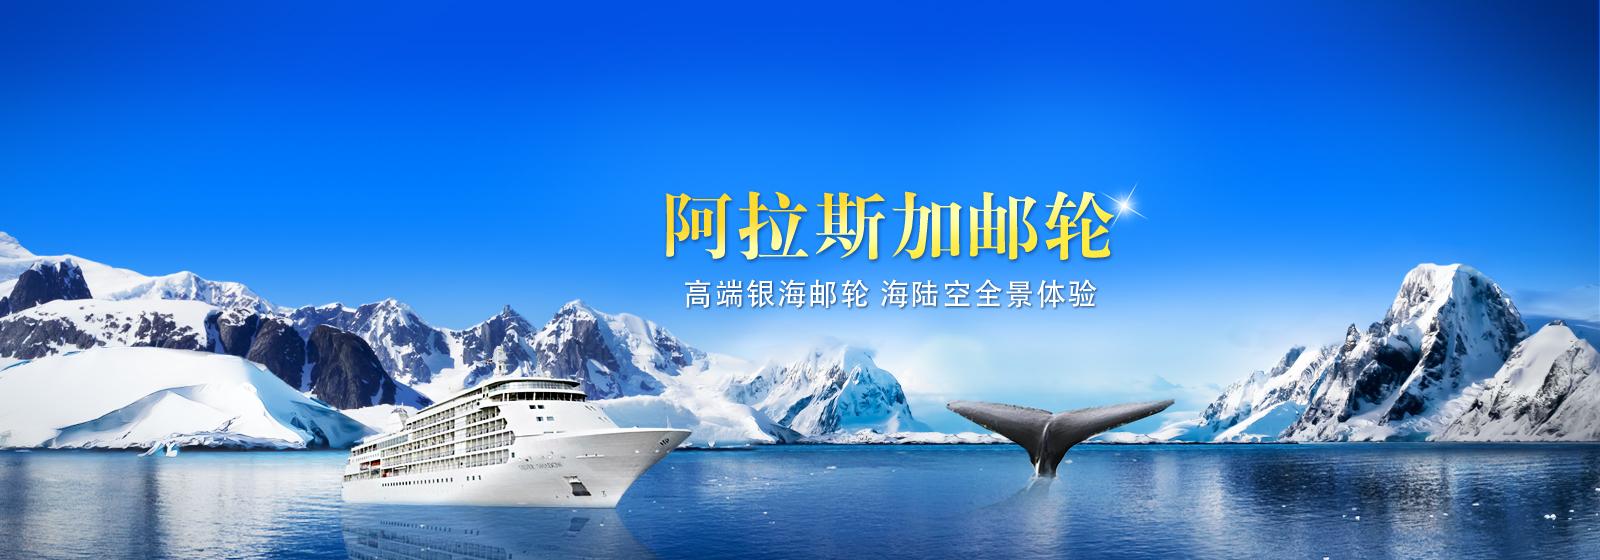 阿拉斯加_高端银海邮轮_海陆空全景体验